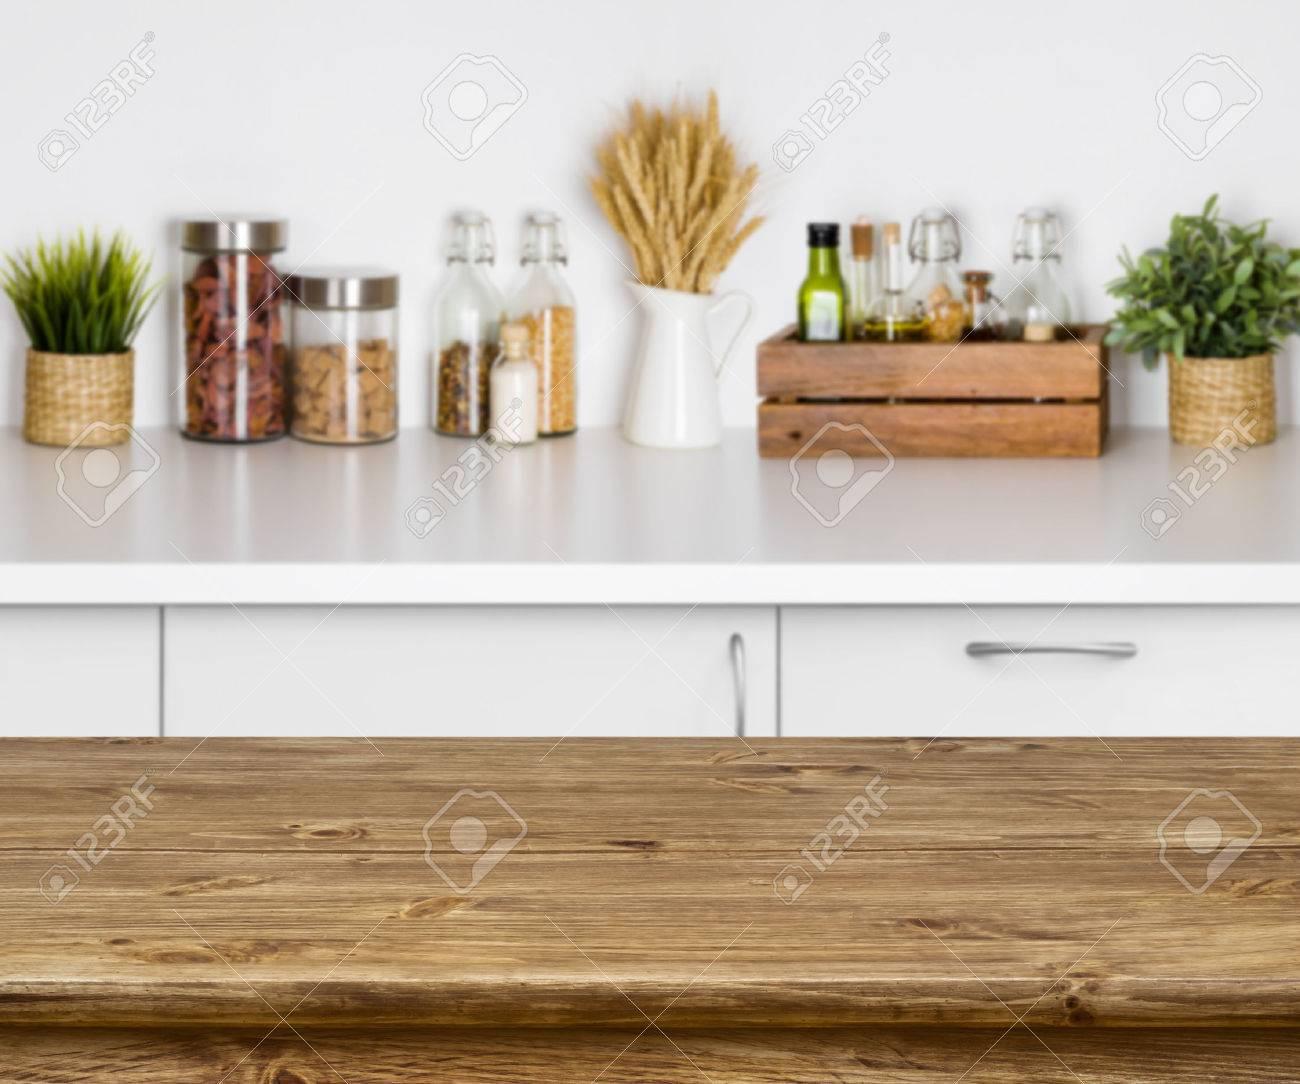 Table Banc De Cuisine table de texture en bois avec bokeh image de l'intérieur du banc de cuisine